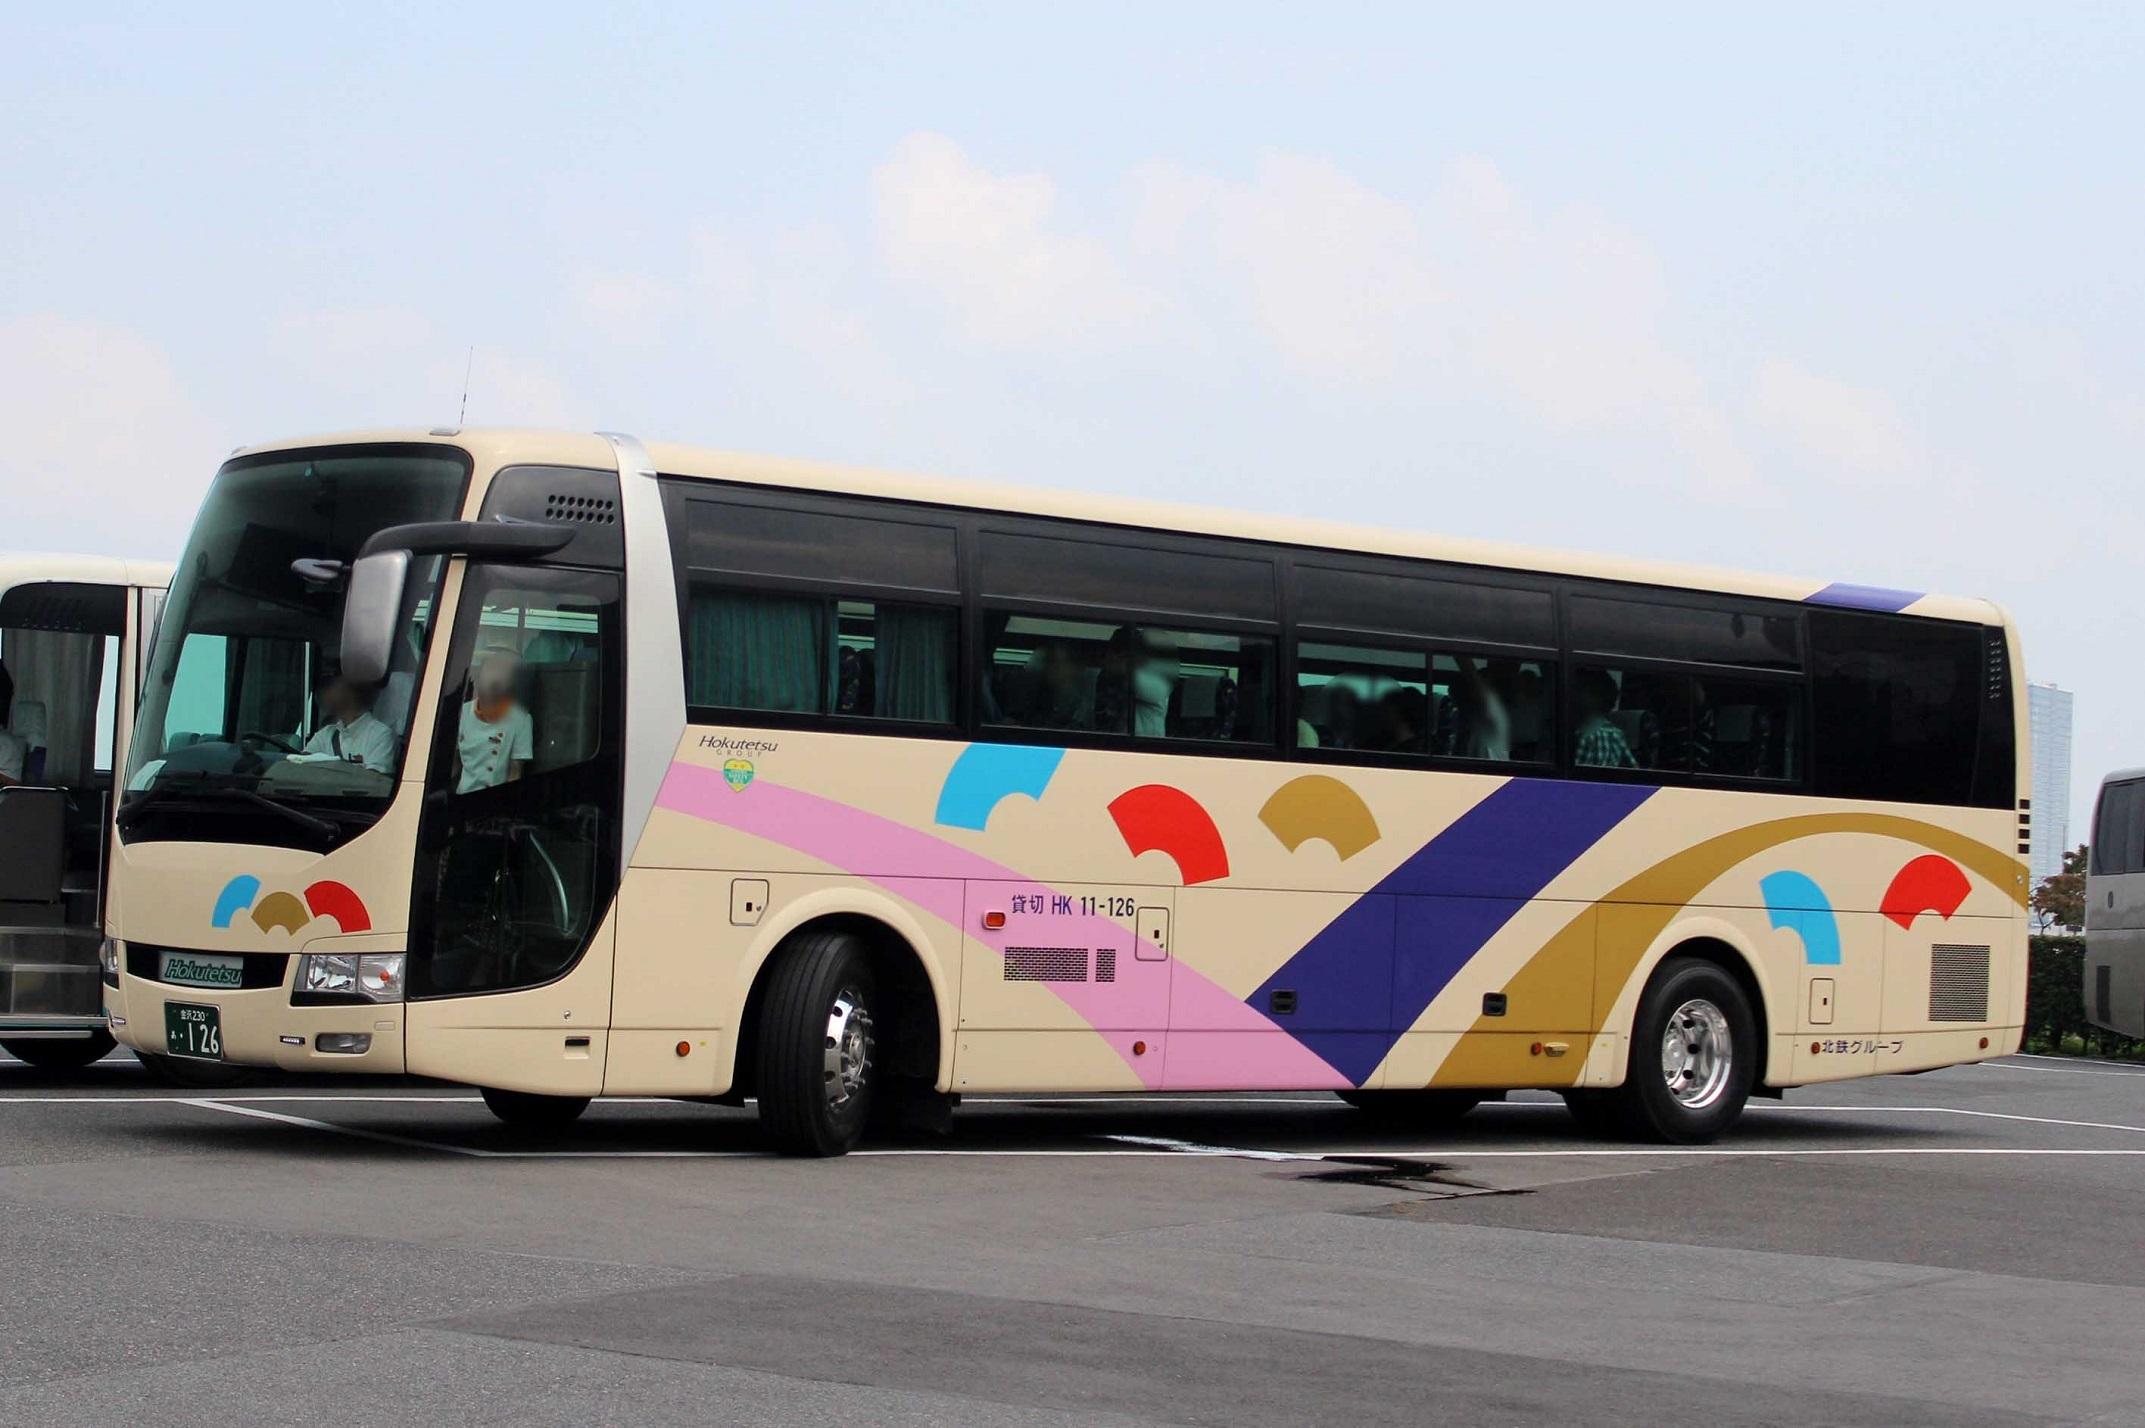 北鉄金沢バス 11-126